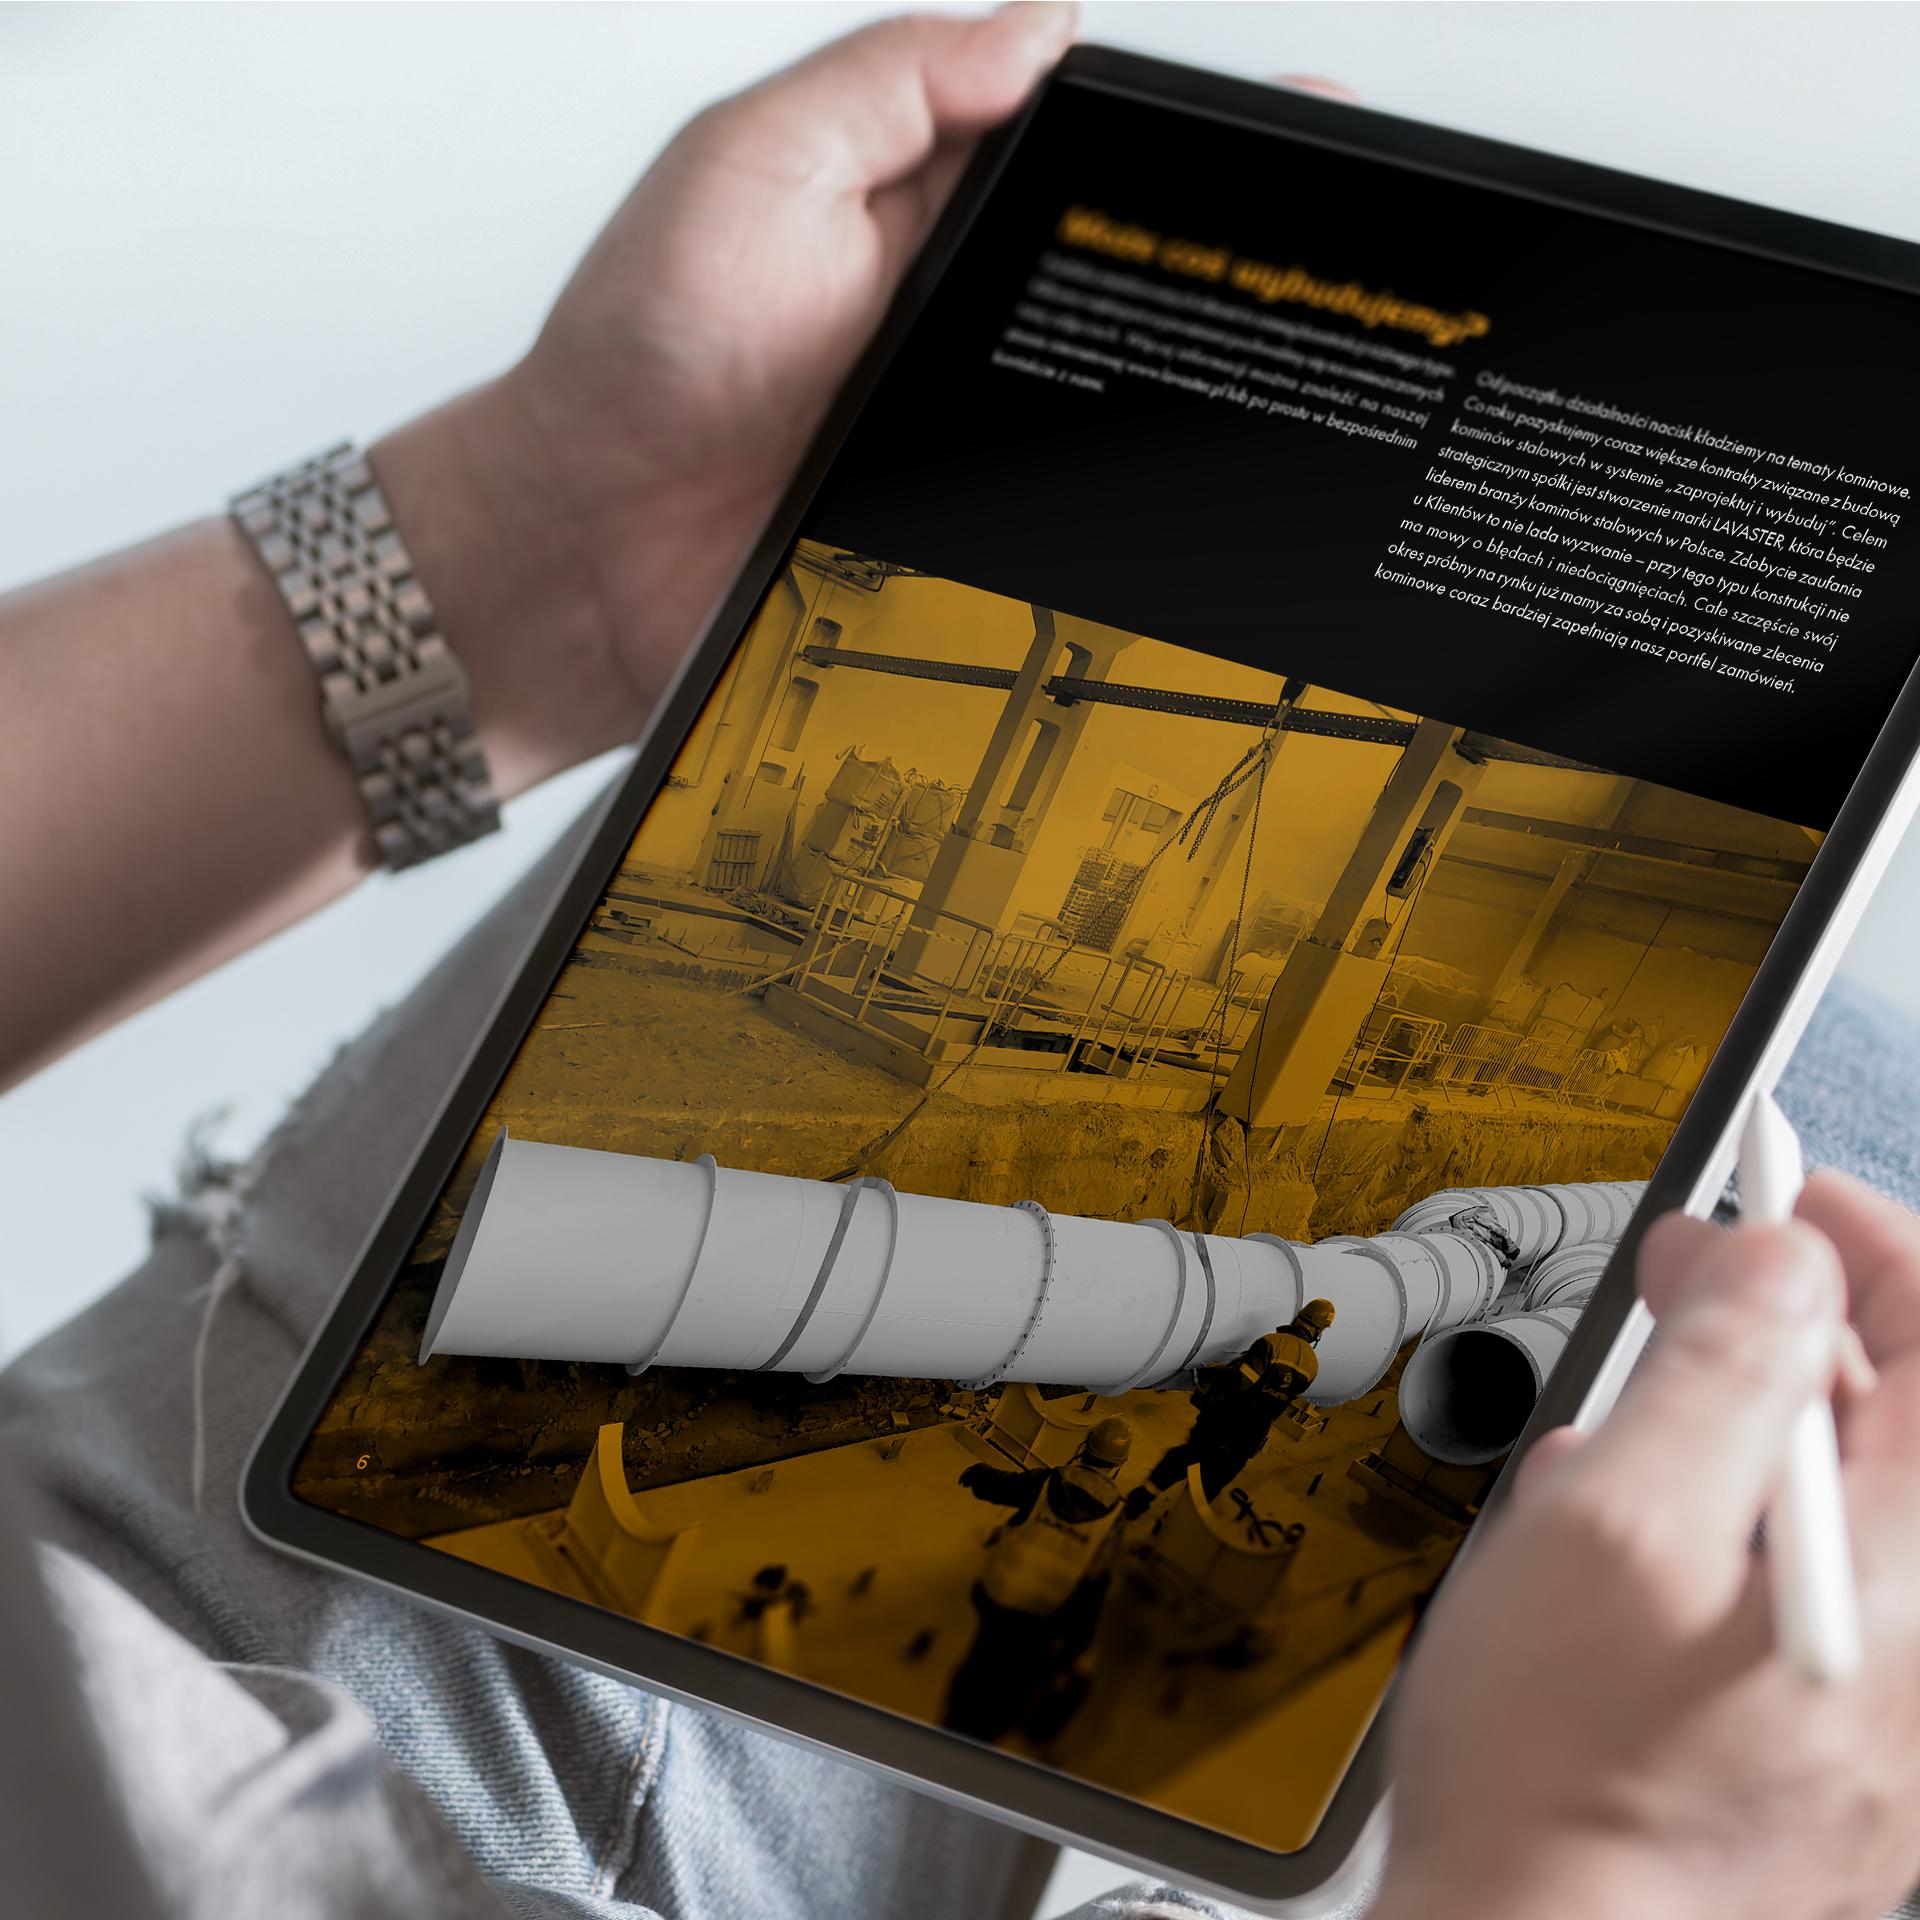 Mężczyzna ogląda na tablecie folder reklamowy firmy Lavaster